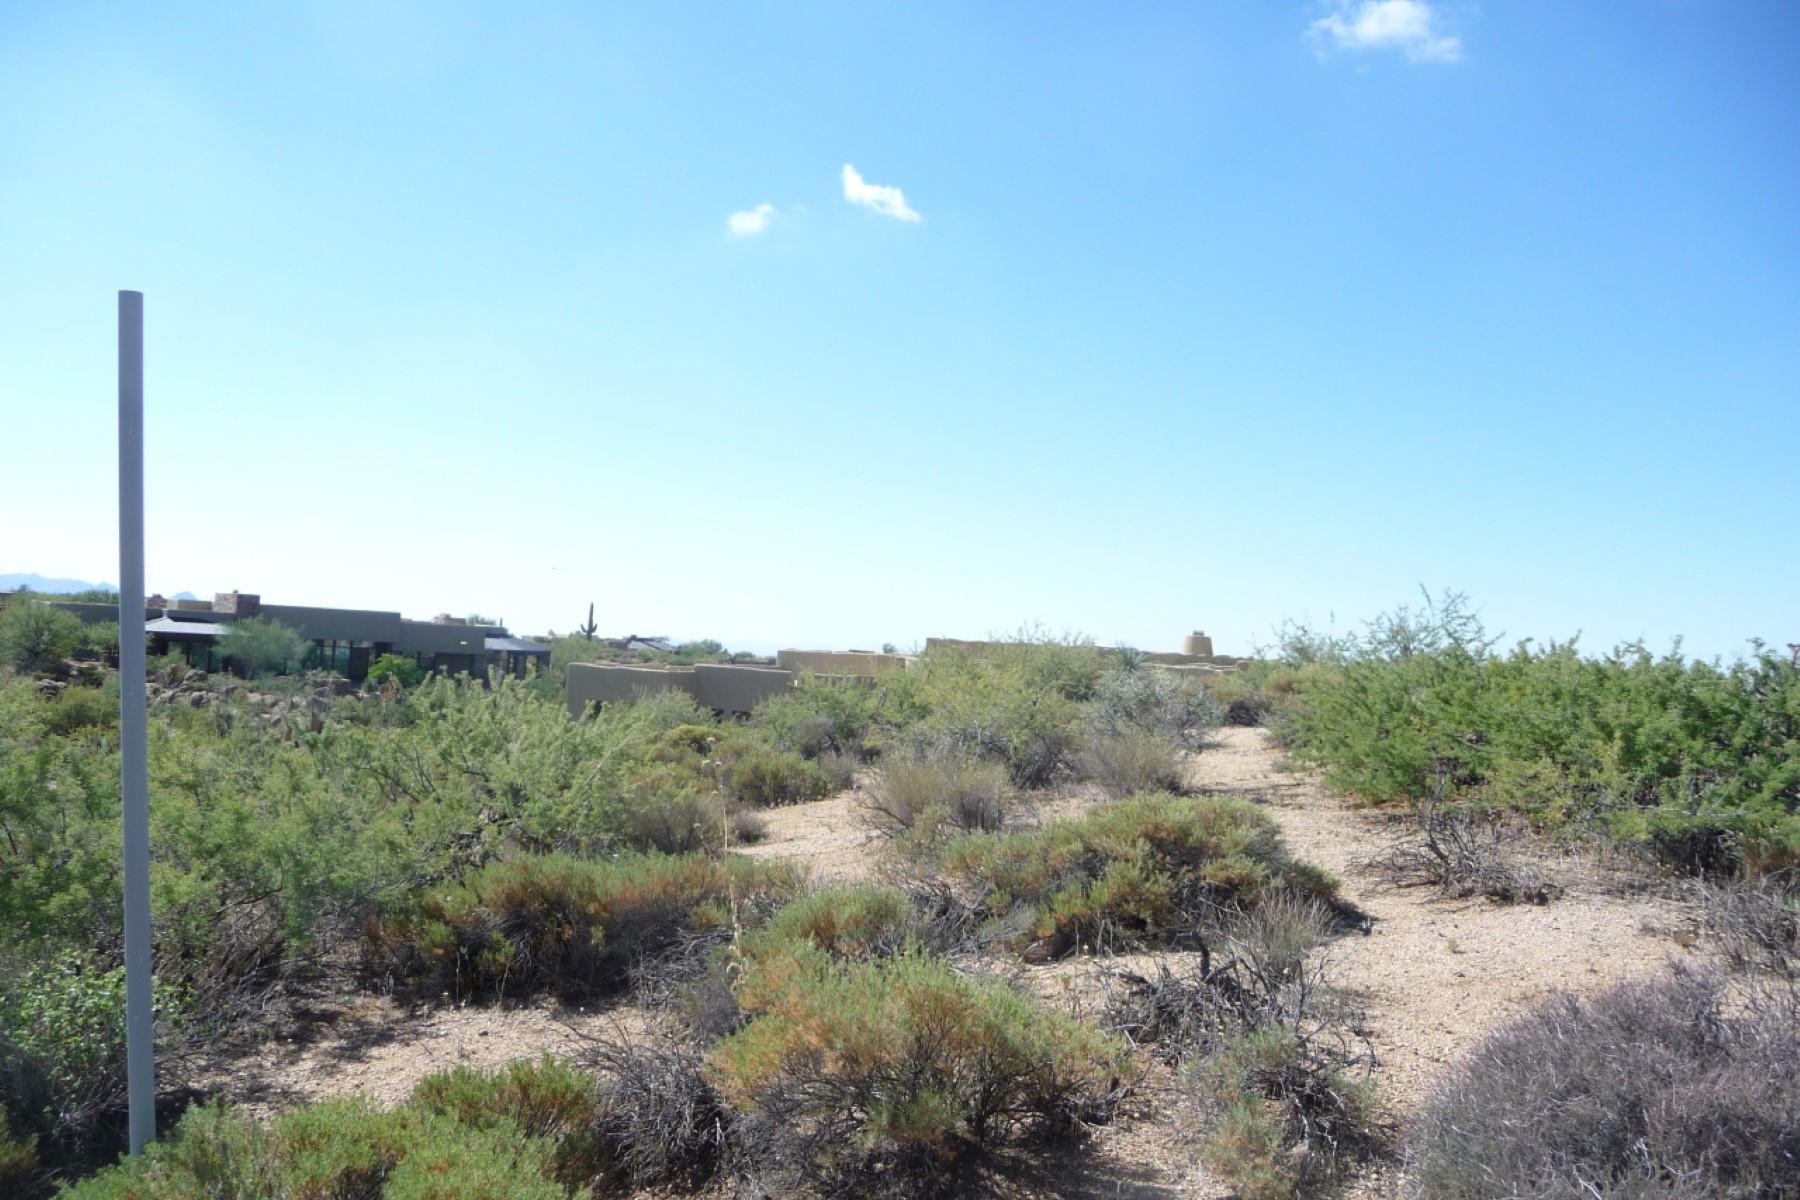 Terrain pour l Vente à Prime cul-de-sac located within the Desert Mountain Community 10995 E Fortuna Dr #12 Scottsdale, Arizona, 85262 États-Unis